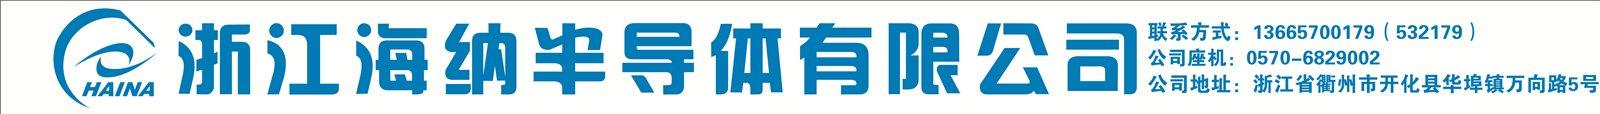 浙江海纳半导体有限公司